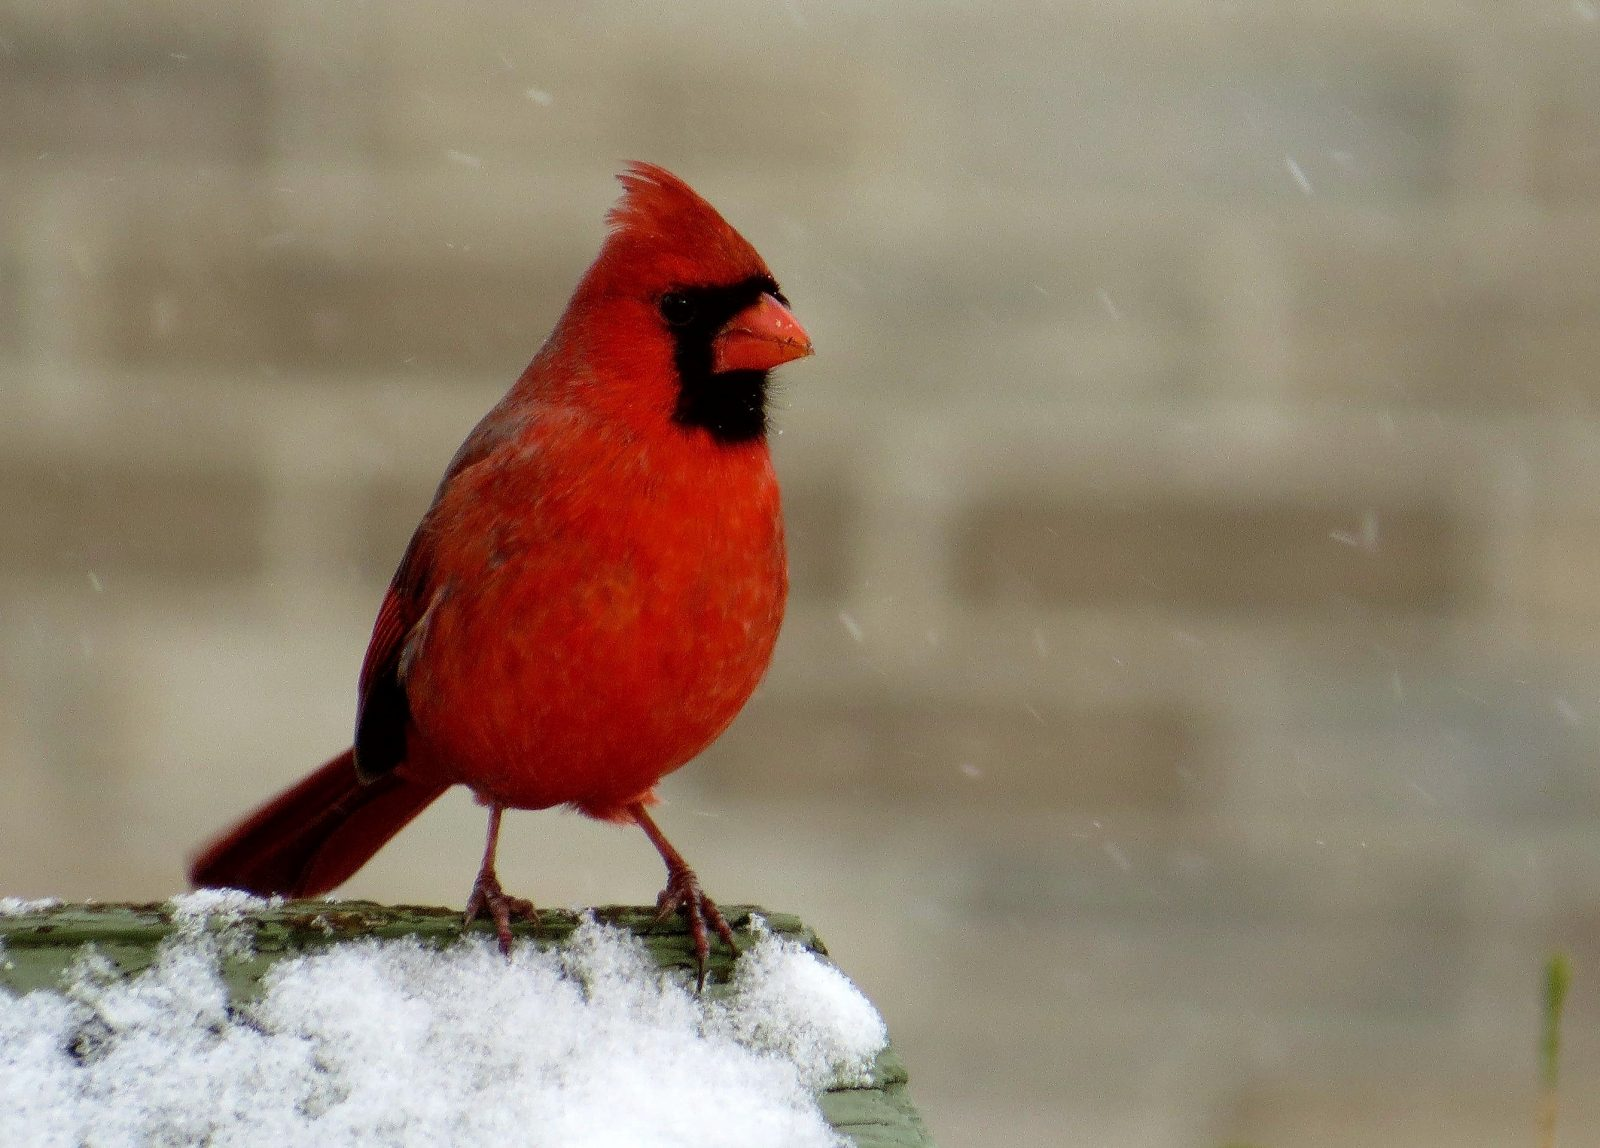 Le Cardinal rouge : l'emblème aviaire choisi par les citoyens de Contrecœur